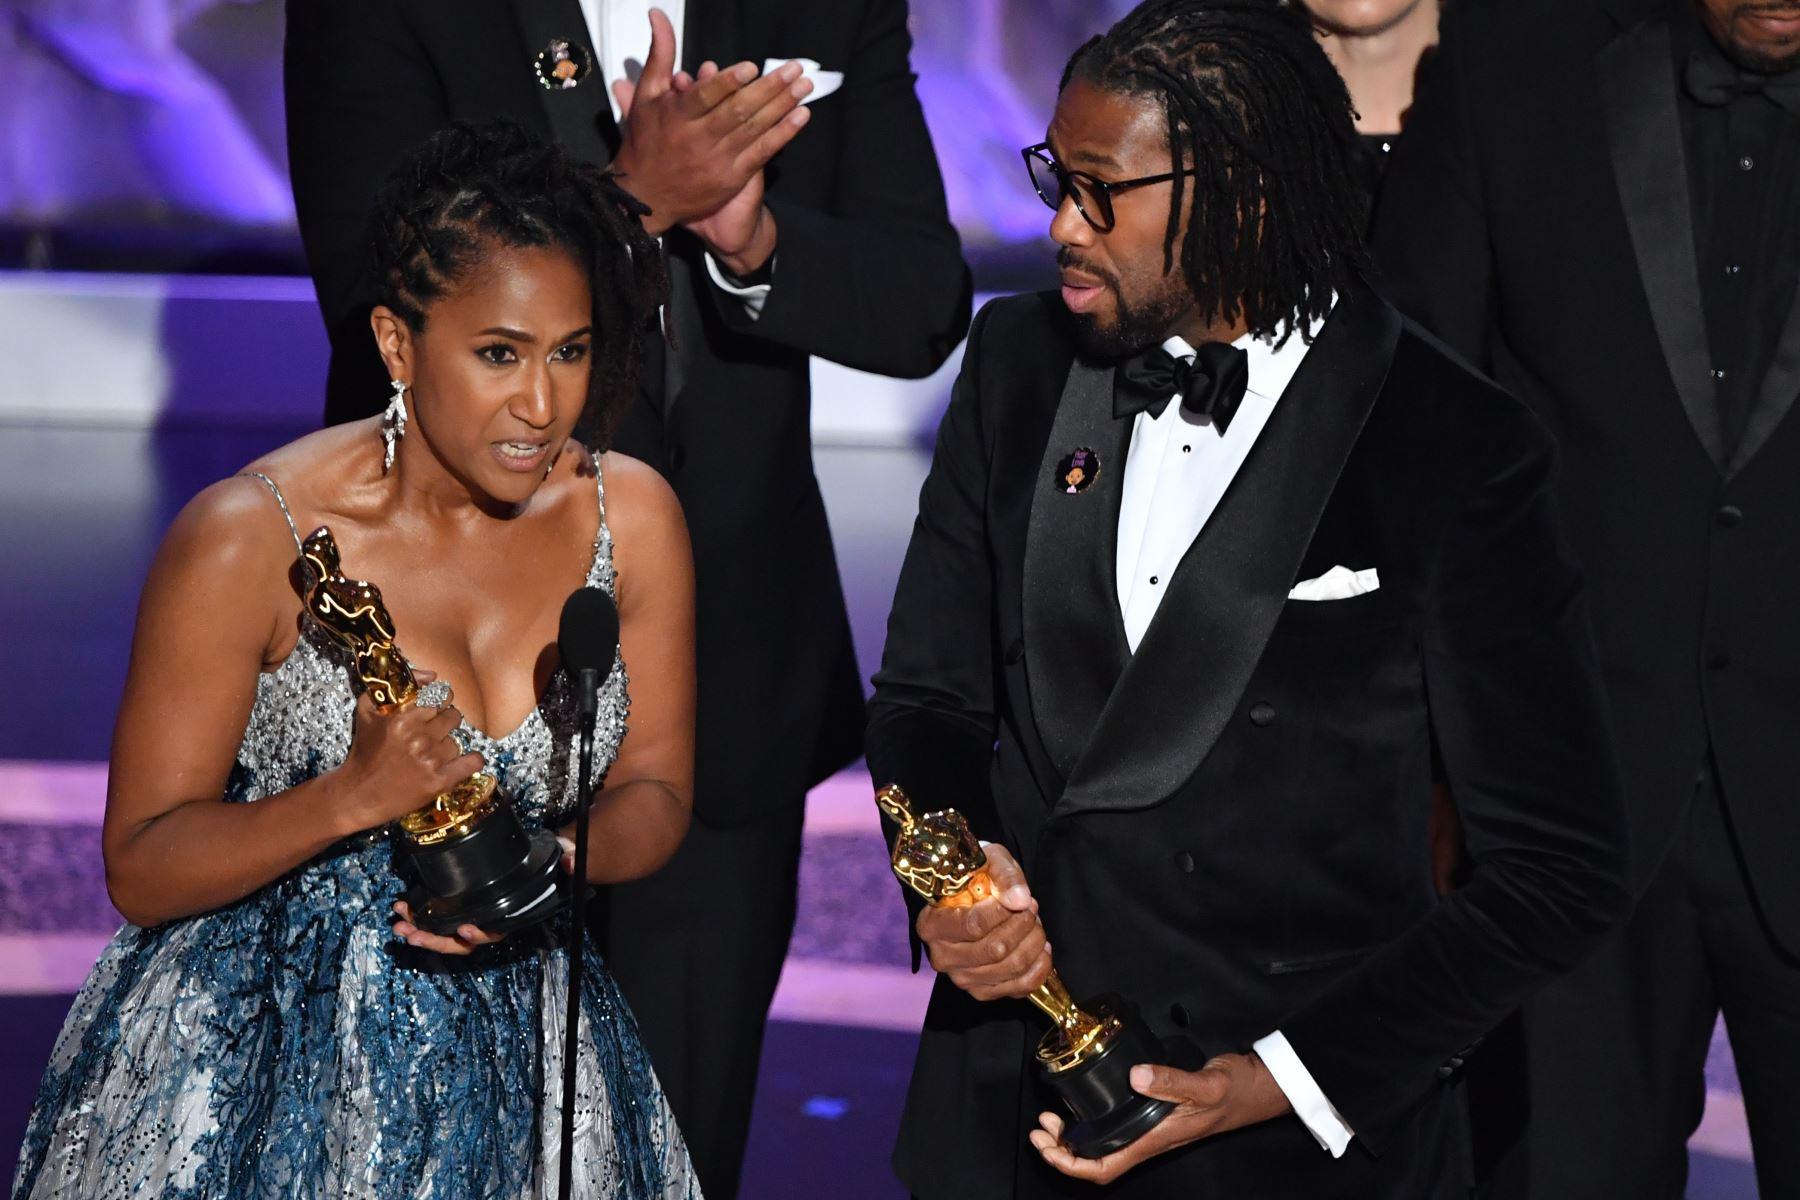 """Karen Rupert Toliver  y el director estadounidense Matthew A. Cherry aceptan el premio al Mejor Cortometraje de Animación por """"Hair Love"""" en el escenario durante la 92a edición de los Oscar en el Dolby Theatre de Hollywood, California. Foto: AFP"""